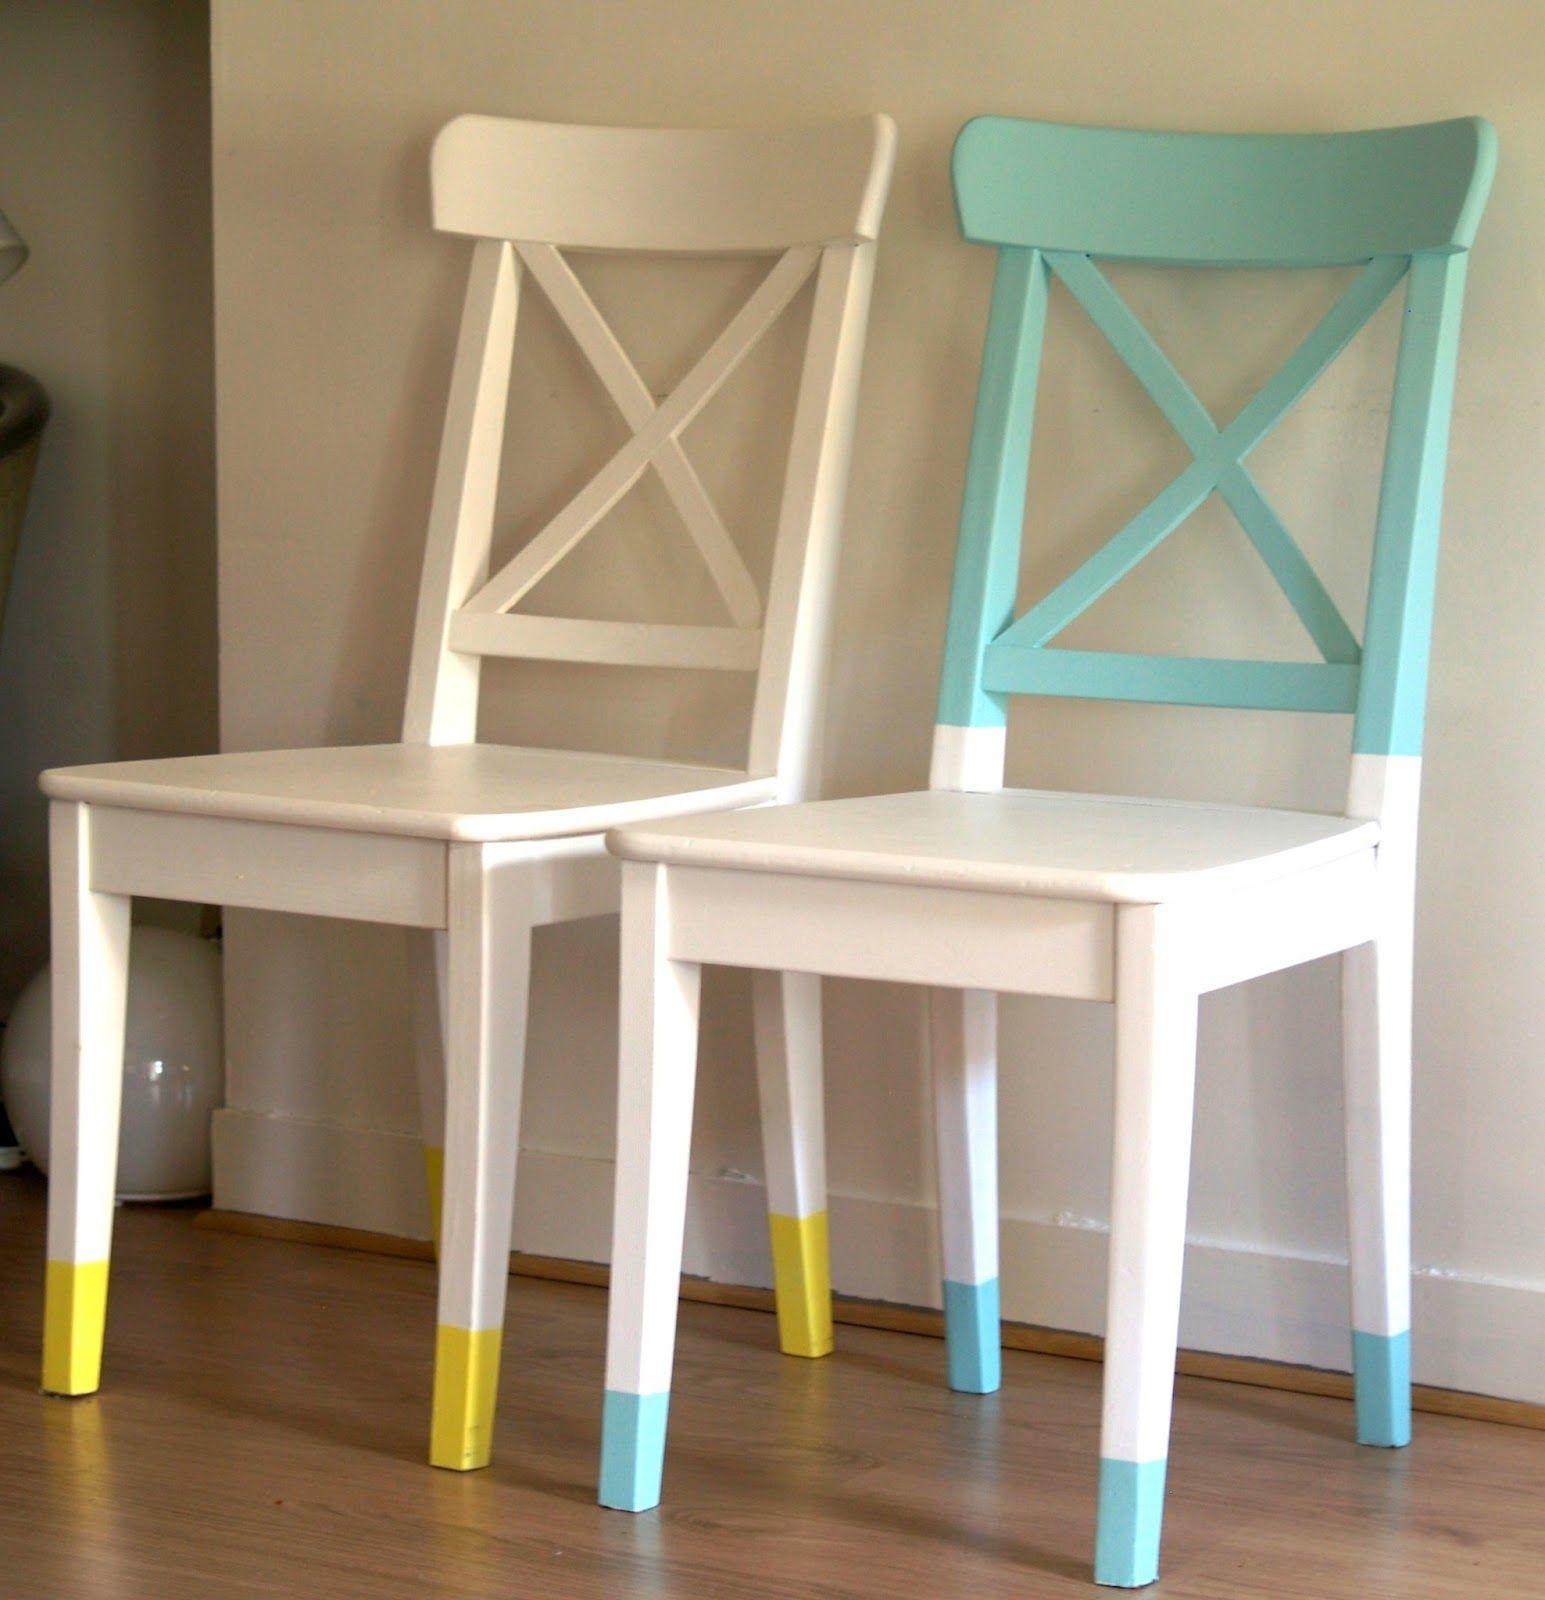 Repeindre Une Chaise Diy Pour Une 2eme Vie Chaise Diy Chaise Deco Relooking Meuble